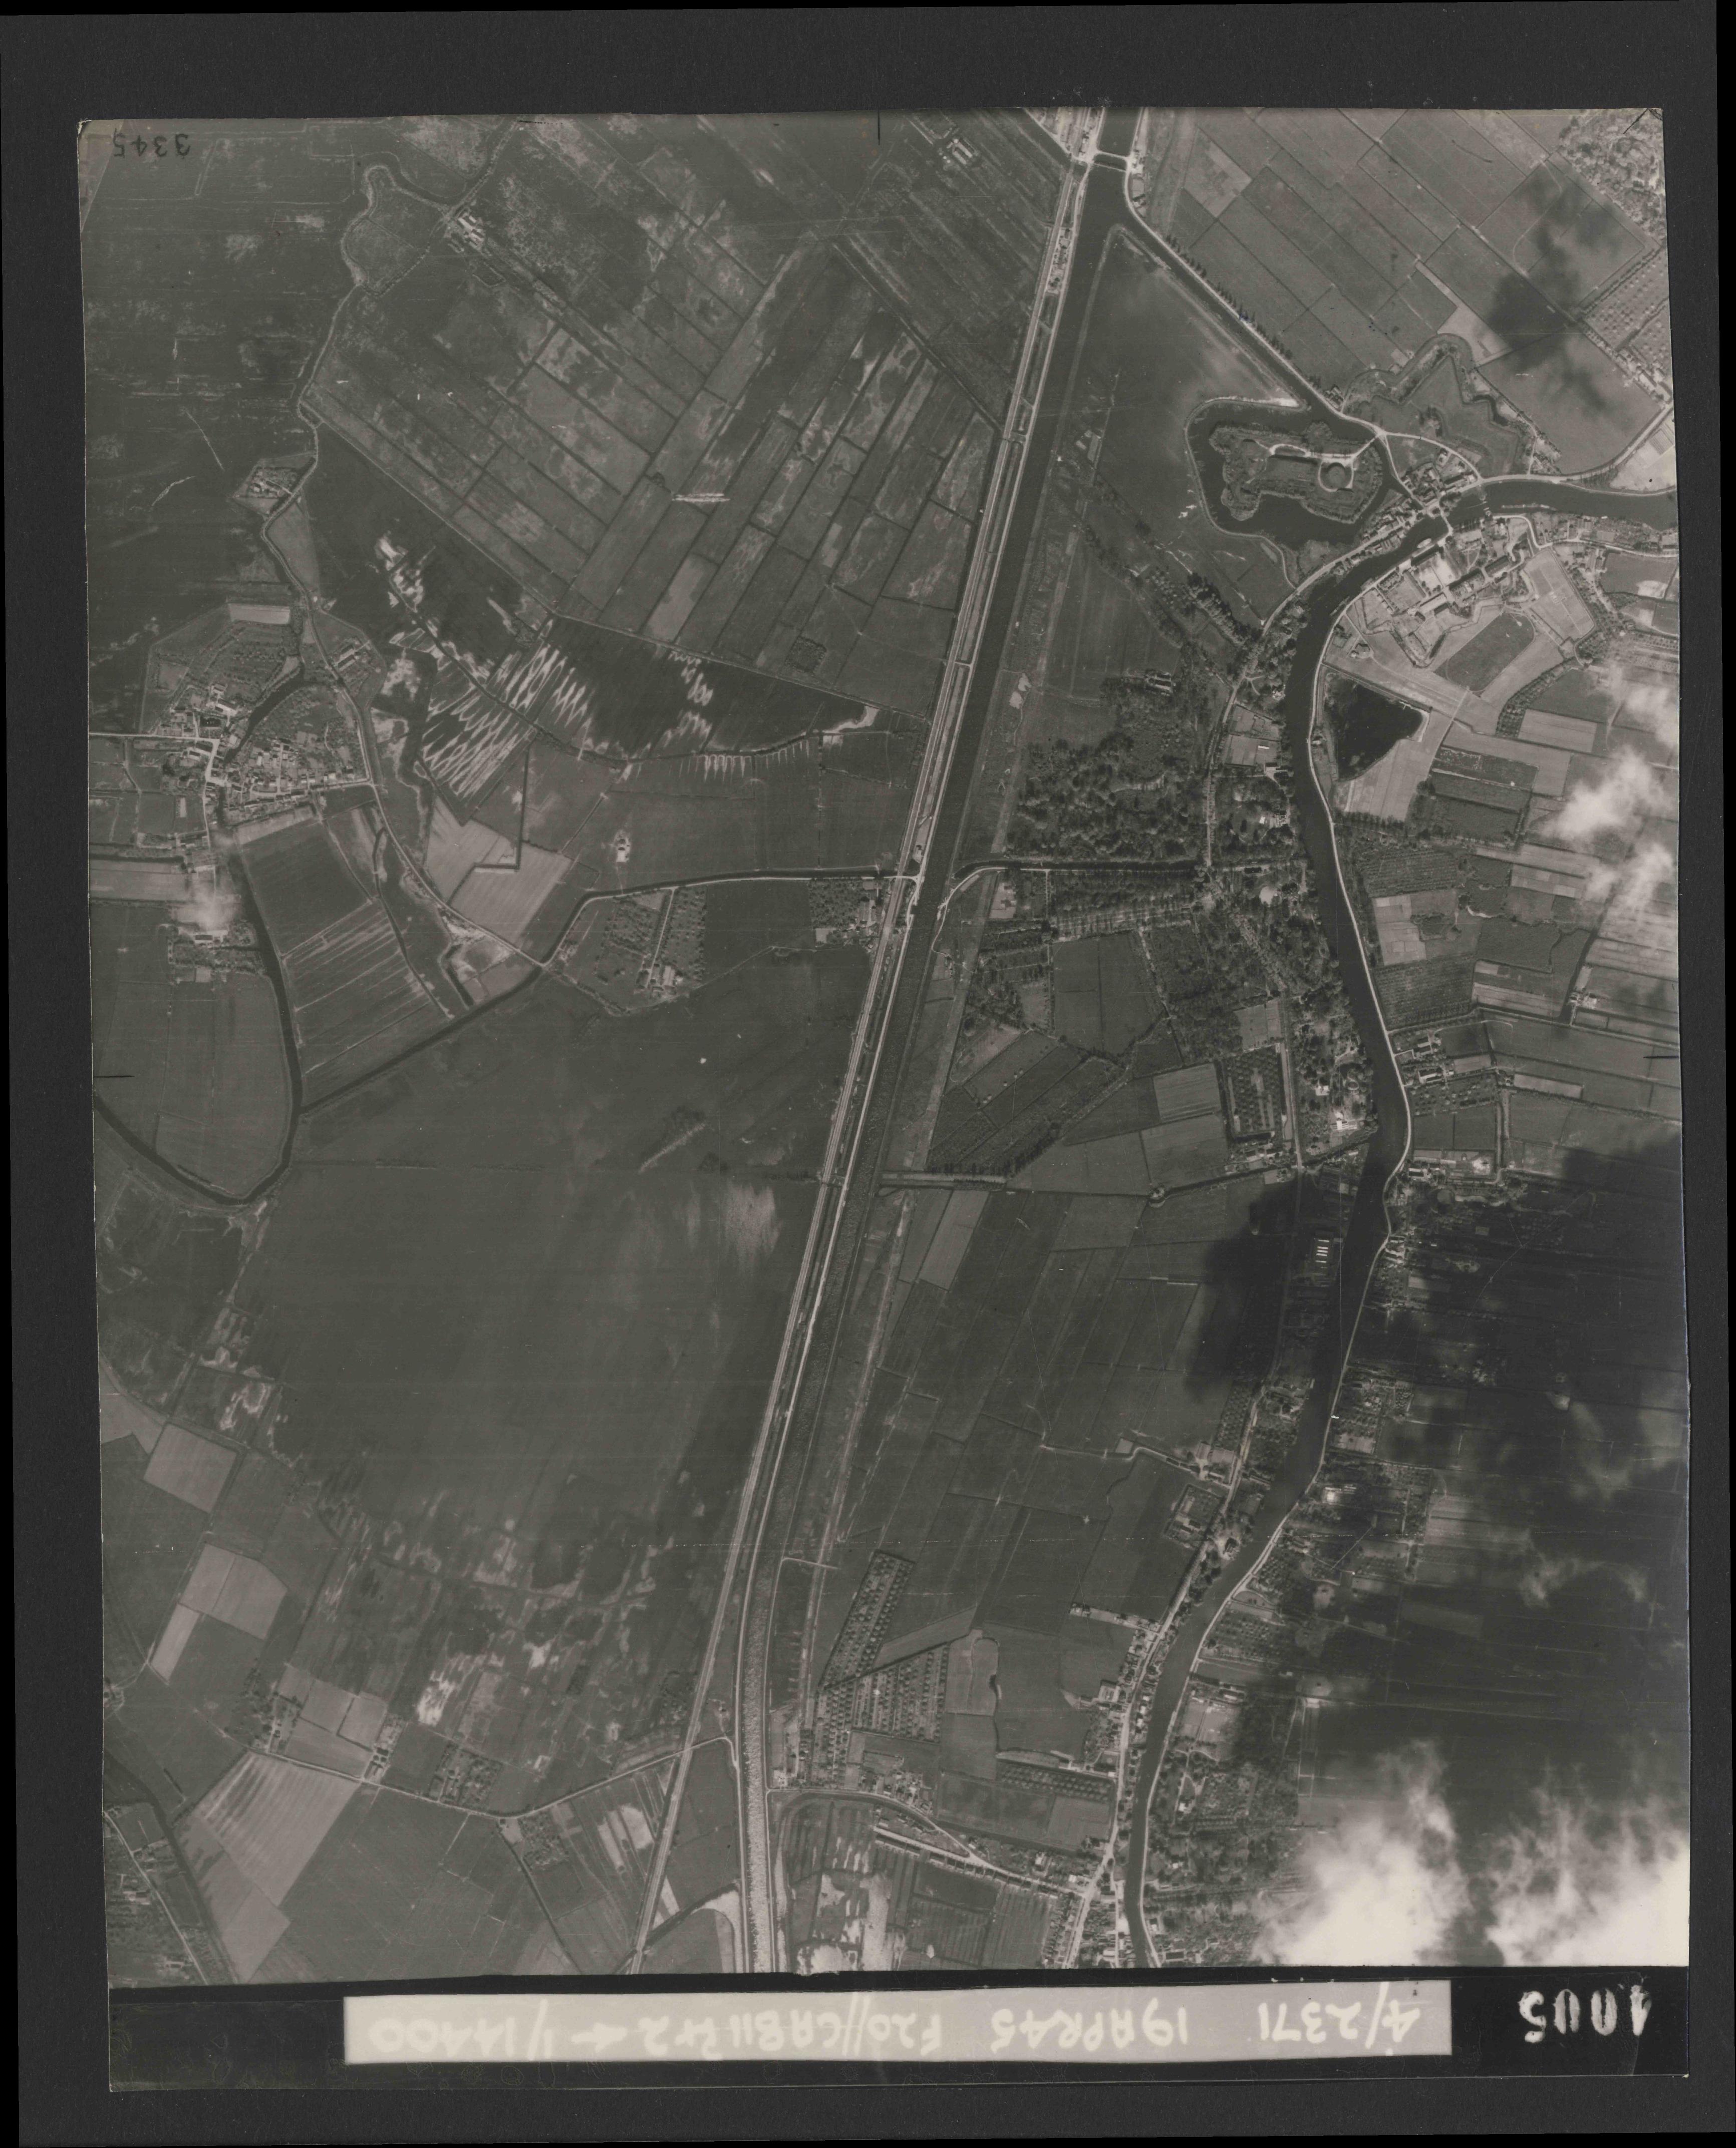 Collection RAF aerial photos 1940-1945 - flight 305, run 02, photo 4005